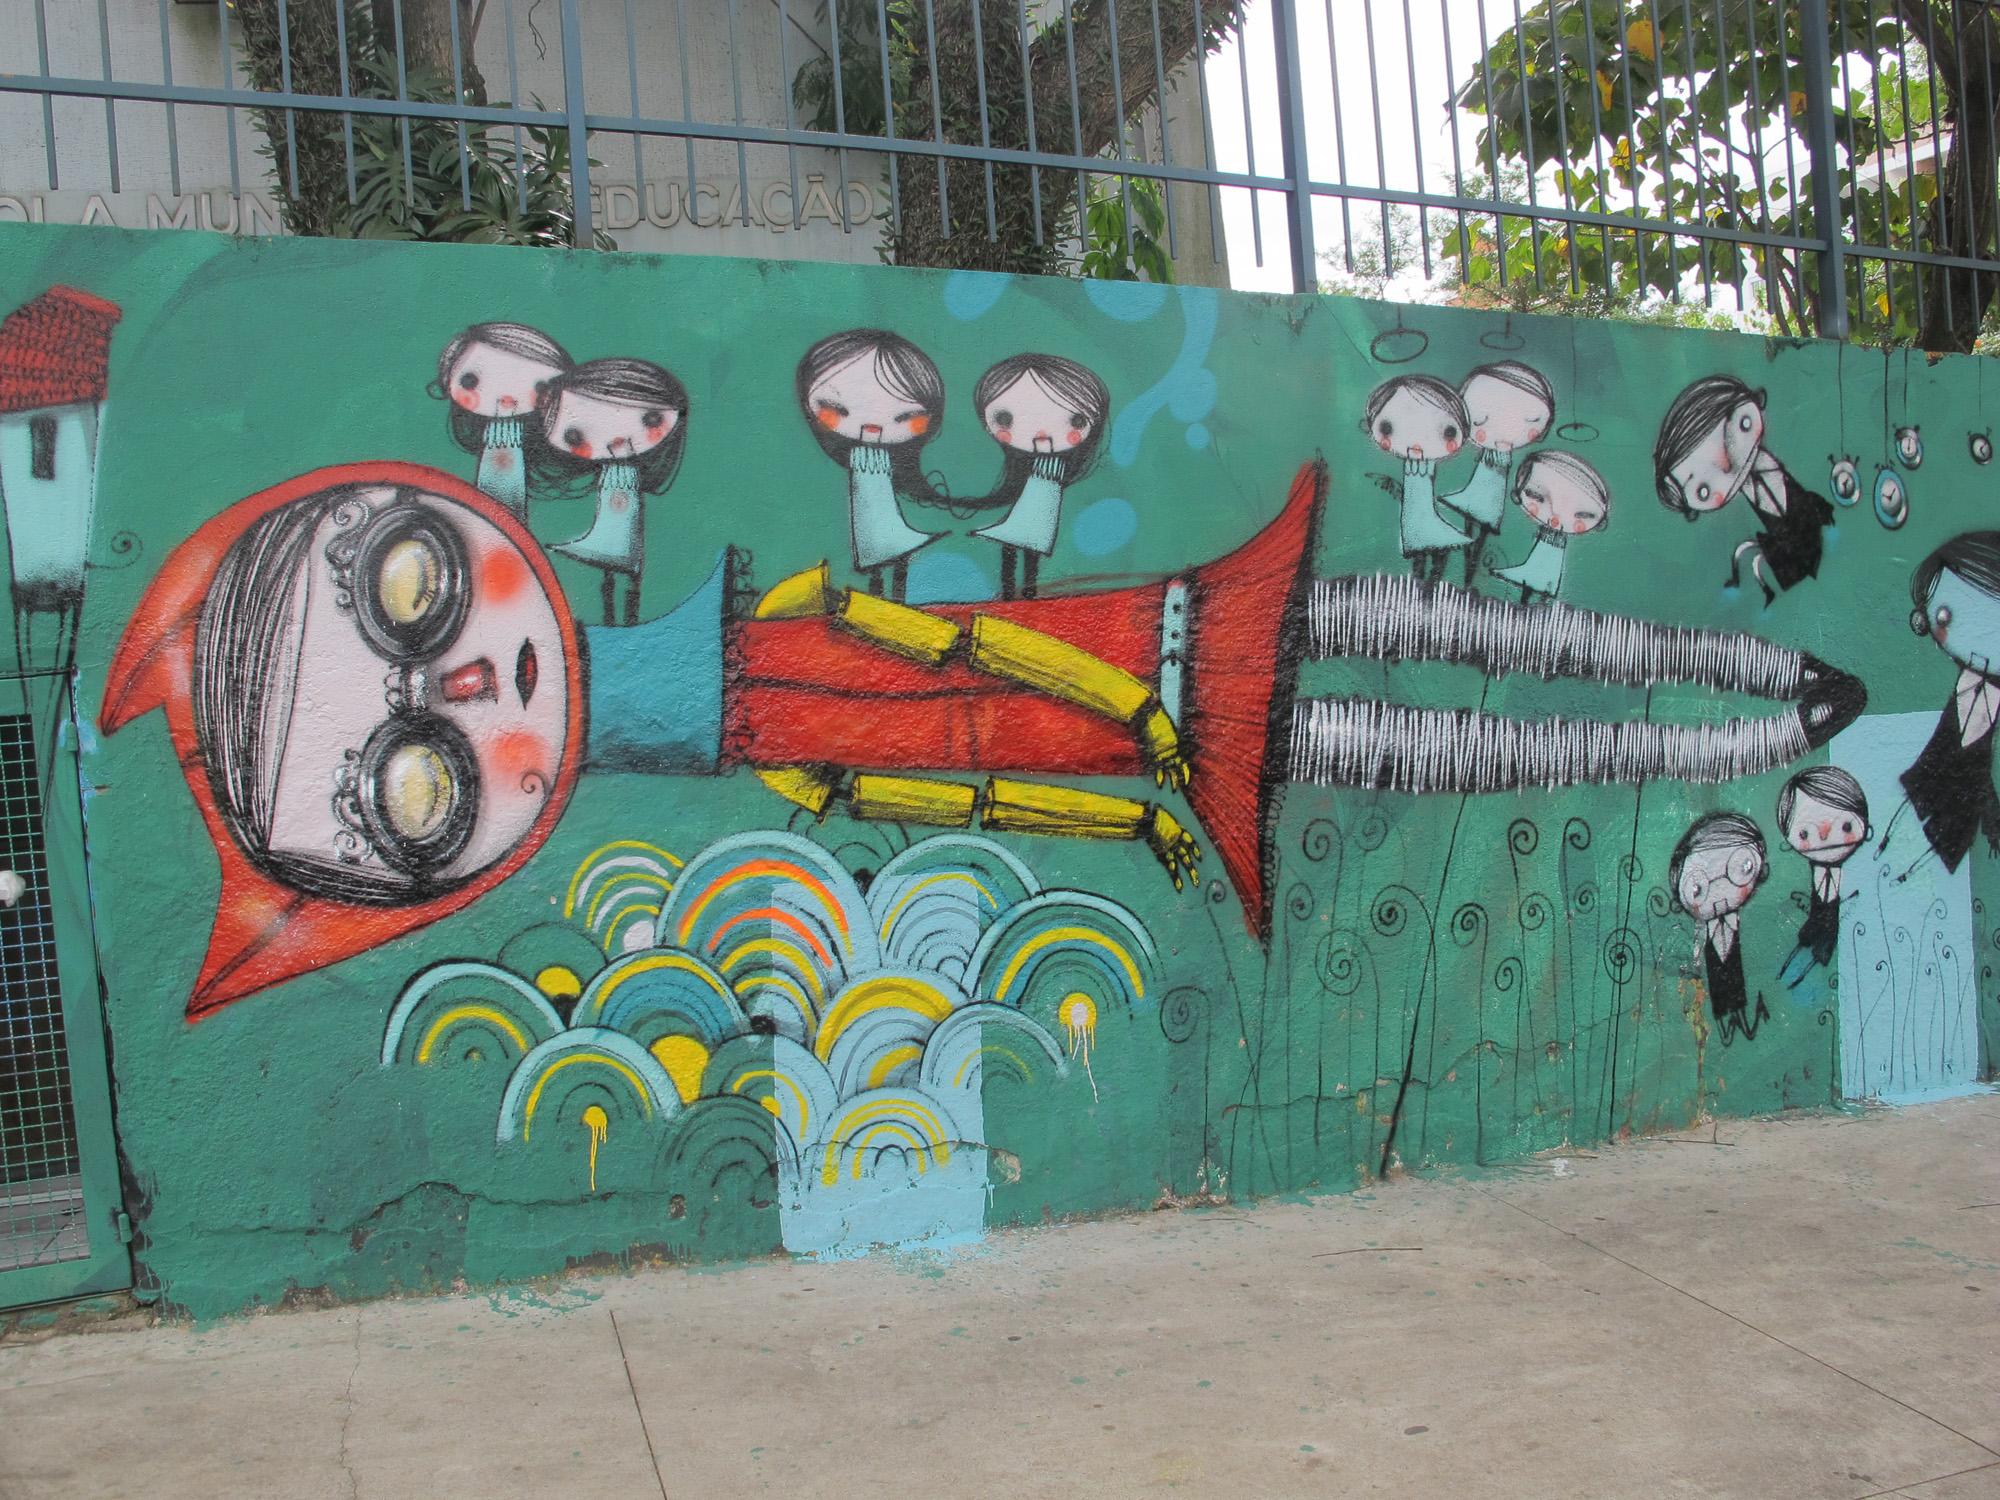 Criação do artista Vermelho, um dos participantes da Bienal do Graffiti ©Divulgação